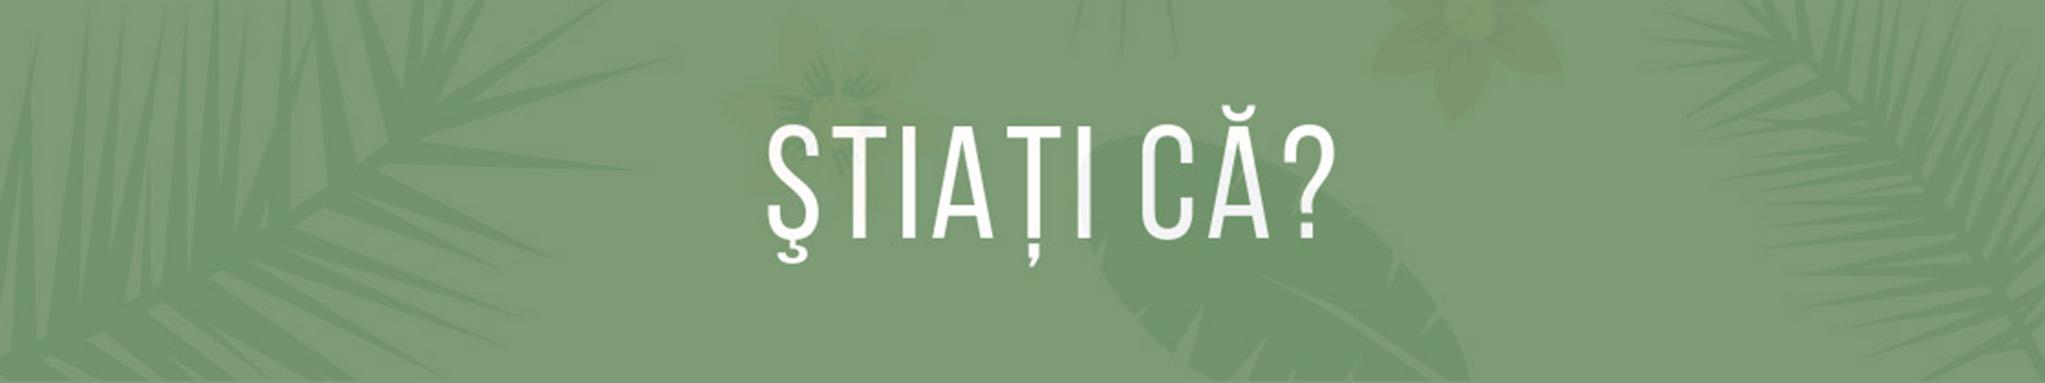 StiatiCa banner